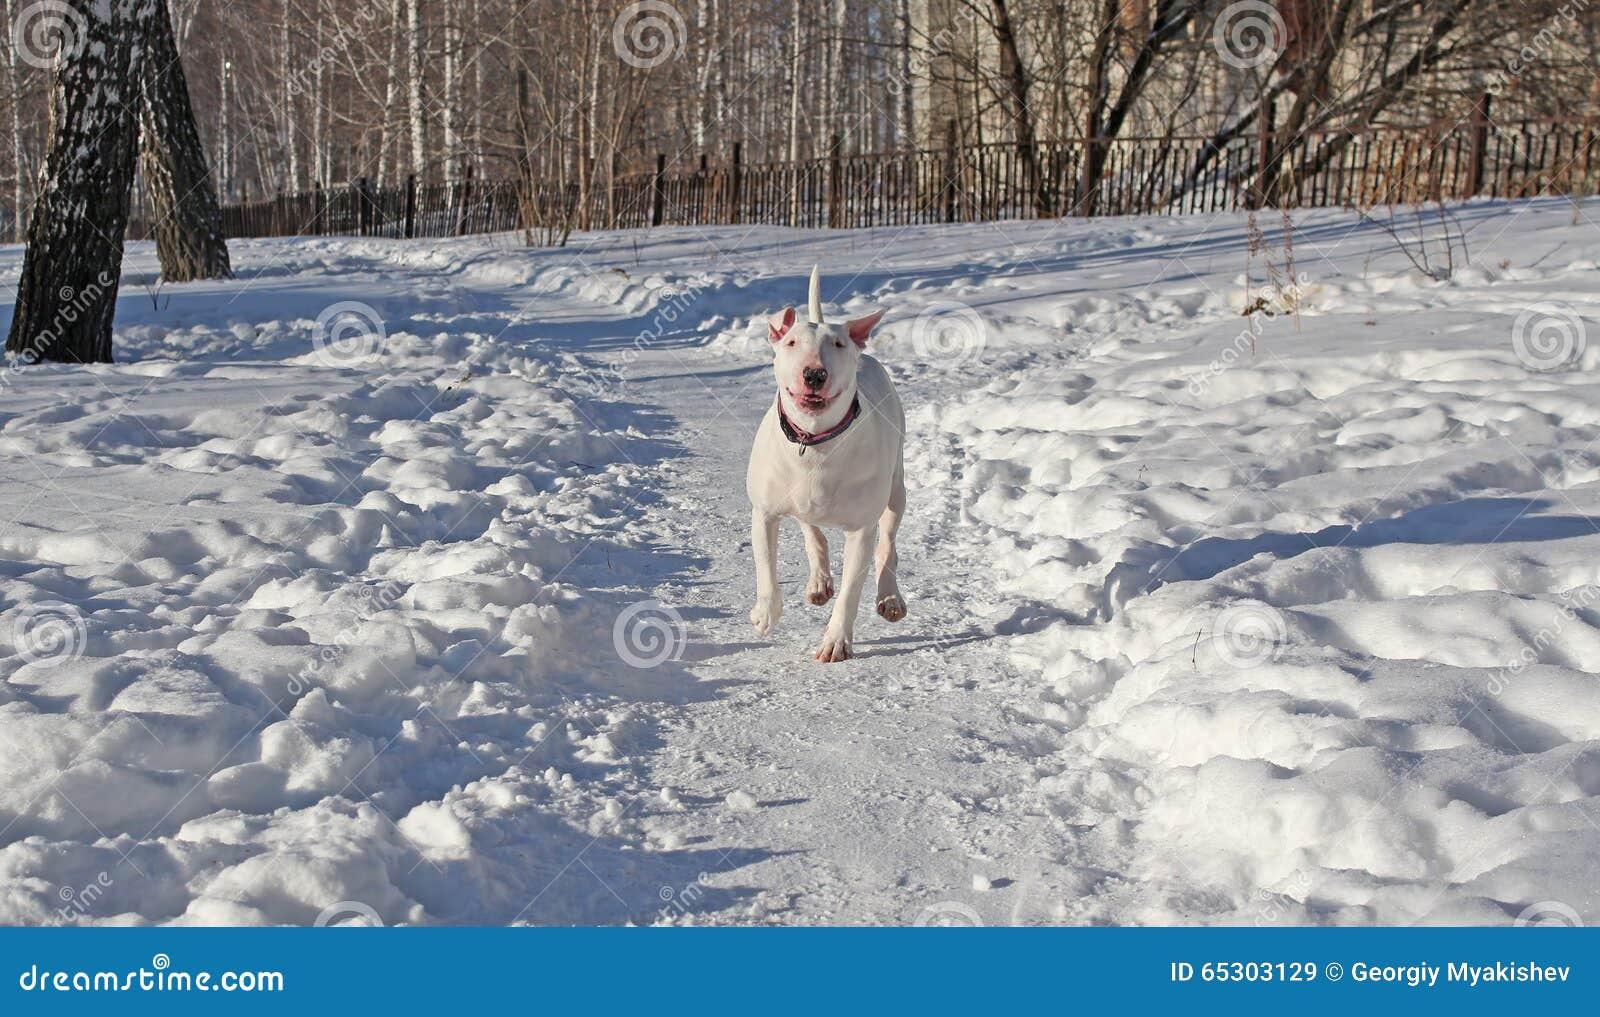 White Bull Terrier walks in the winter